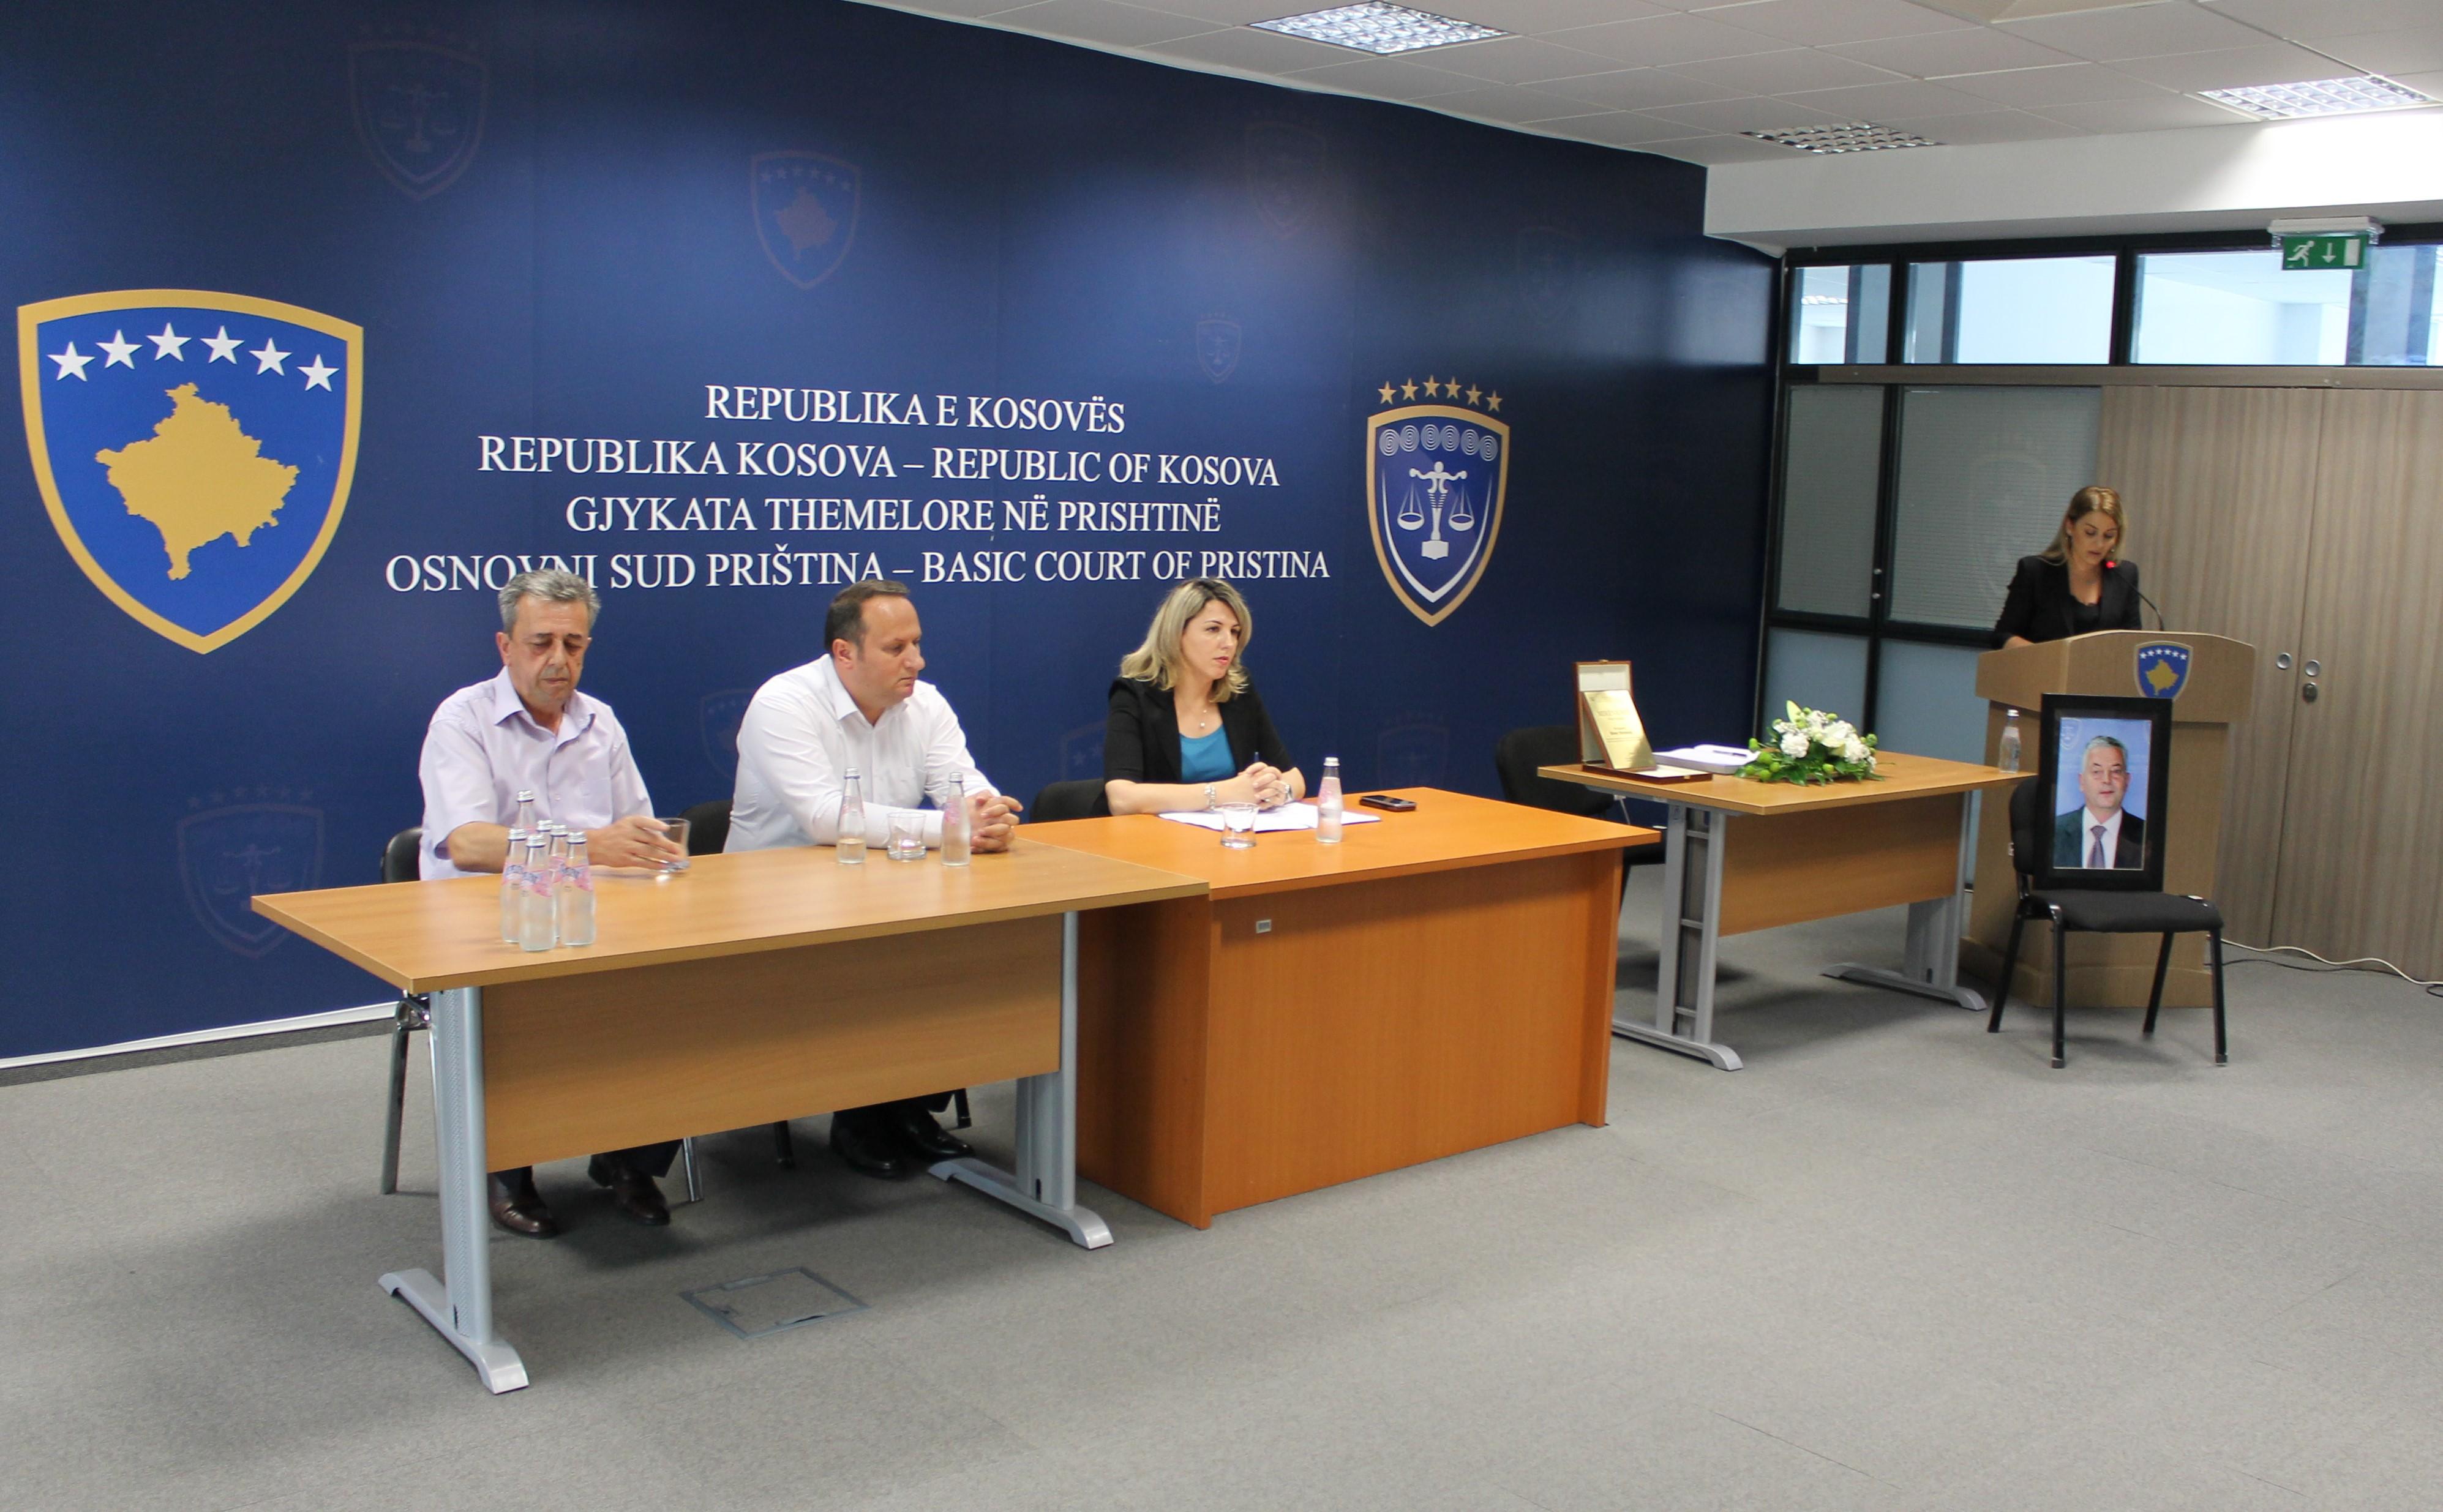 Mbahet mbledhja komemorative për gjyqtarin e Gjykatës Themelore në Prishtinë, Enver Shabanaj